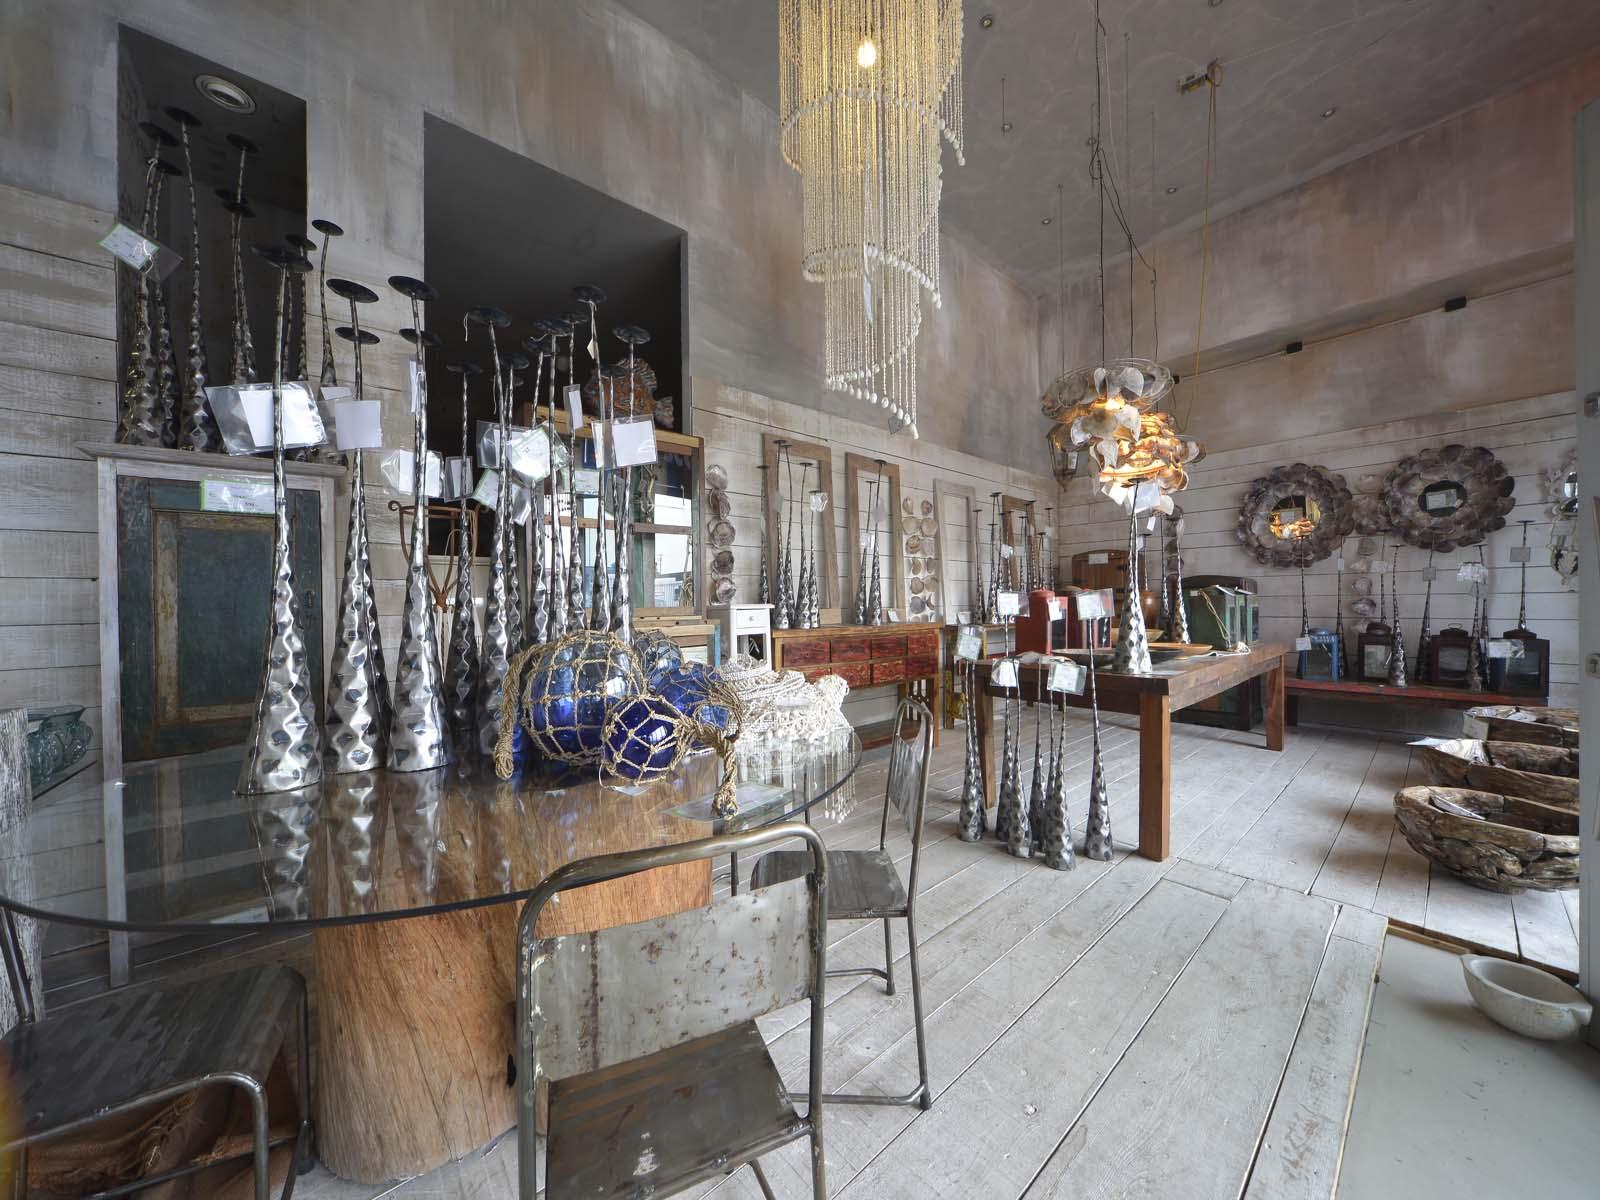 Soggiorno vintage moderno with soggiorno vintage moderno for Idee di arredamento moderno